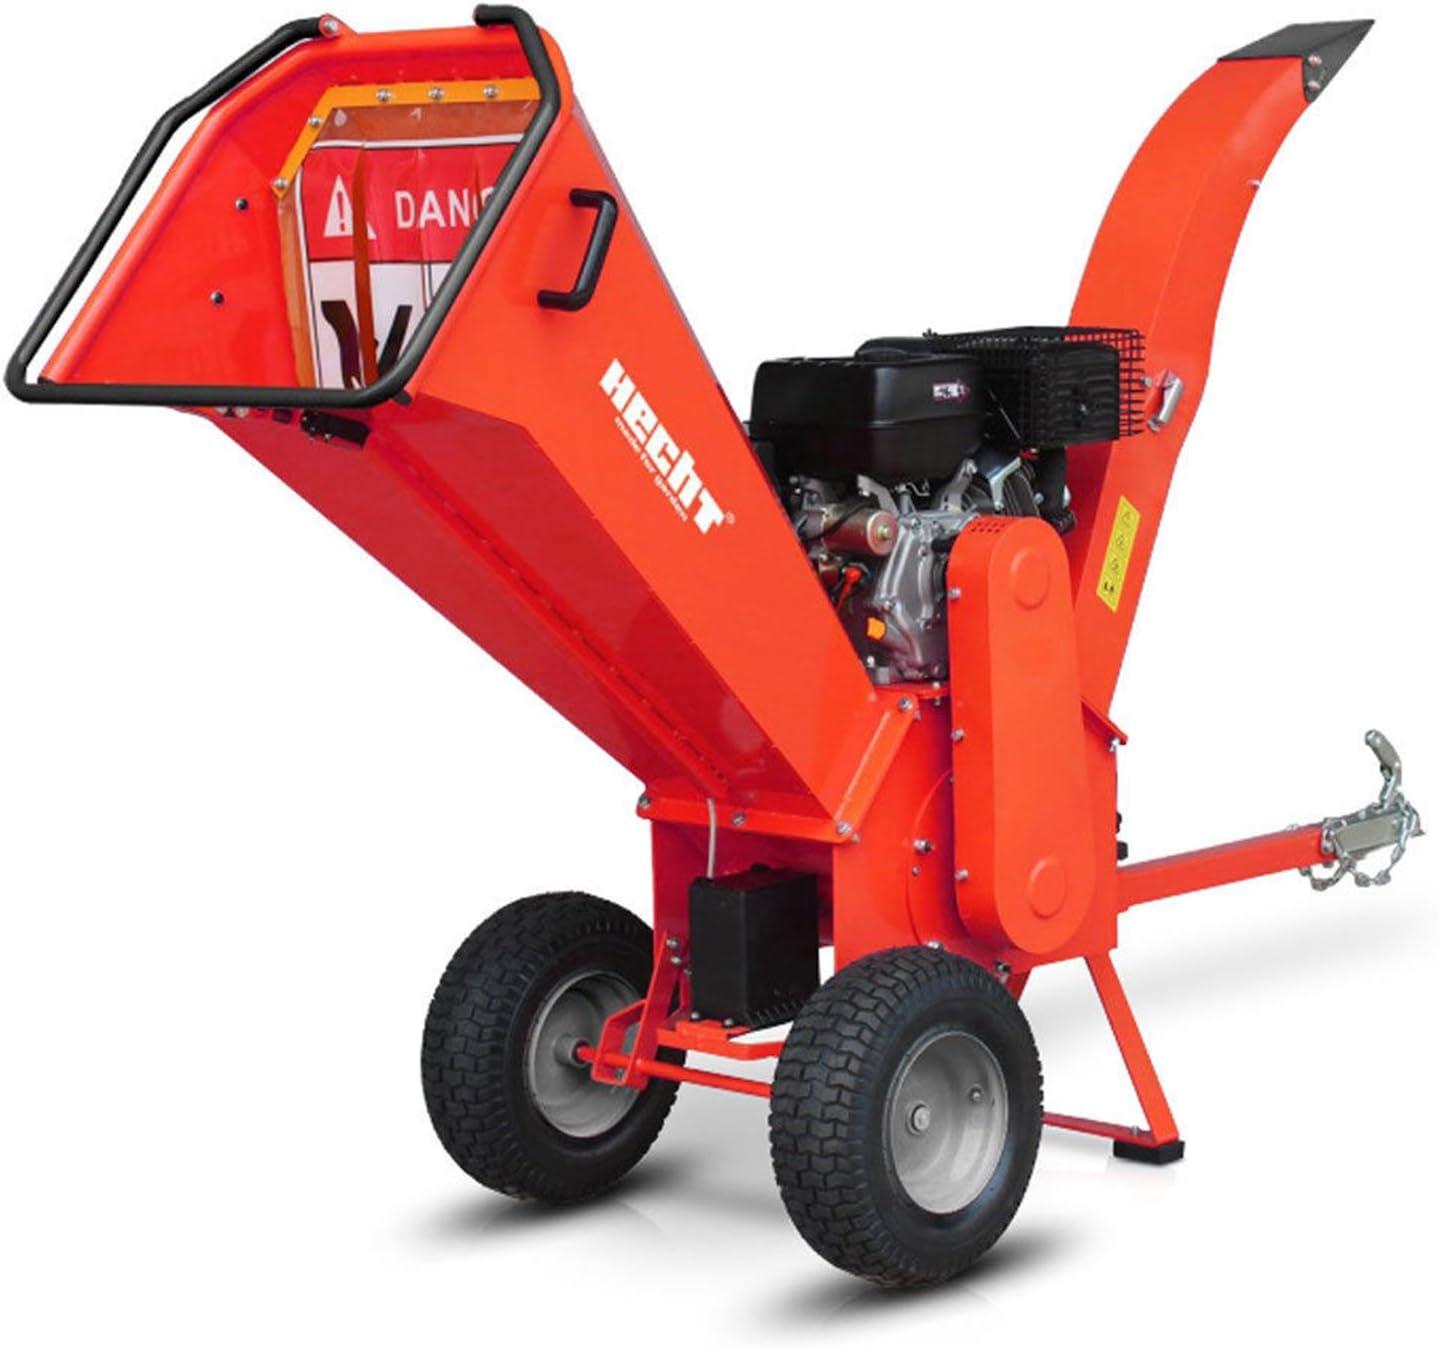 Trituradora de madera Hecht 6642 de gasolina, para jardín (11.2 kW / 15 CV): Amazon.es: Bricolaje y herramientas